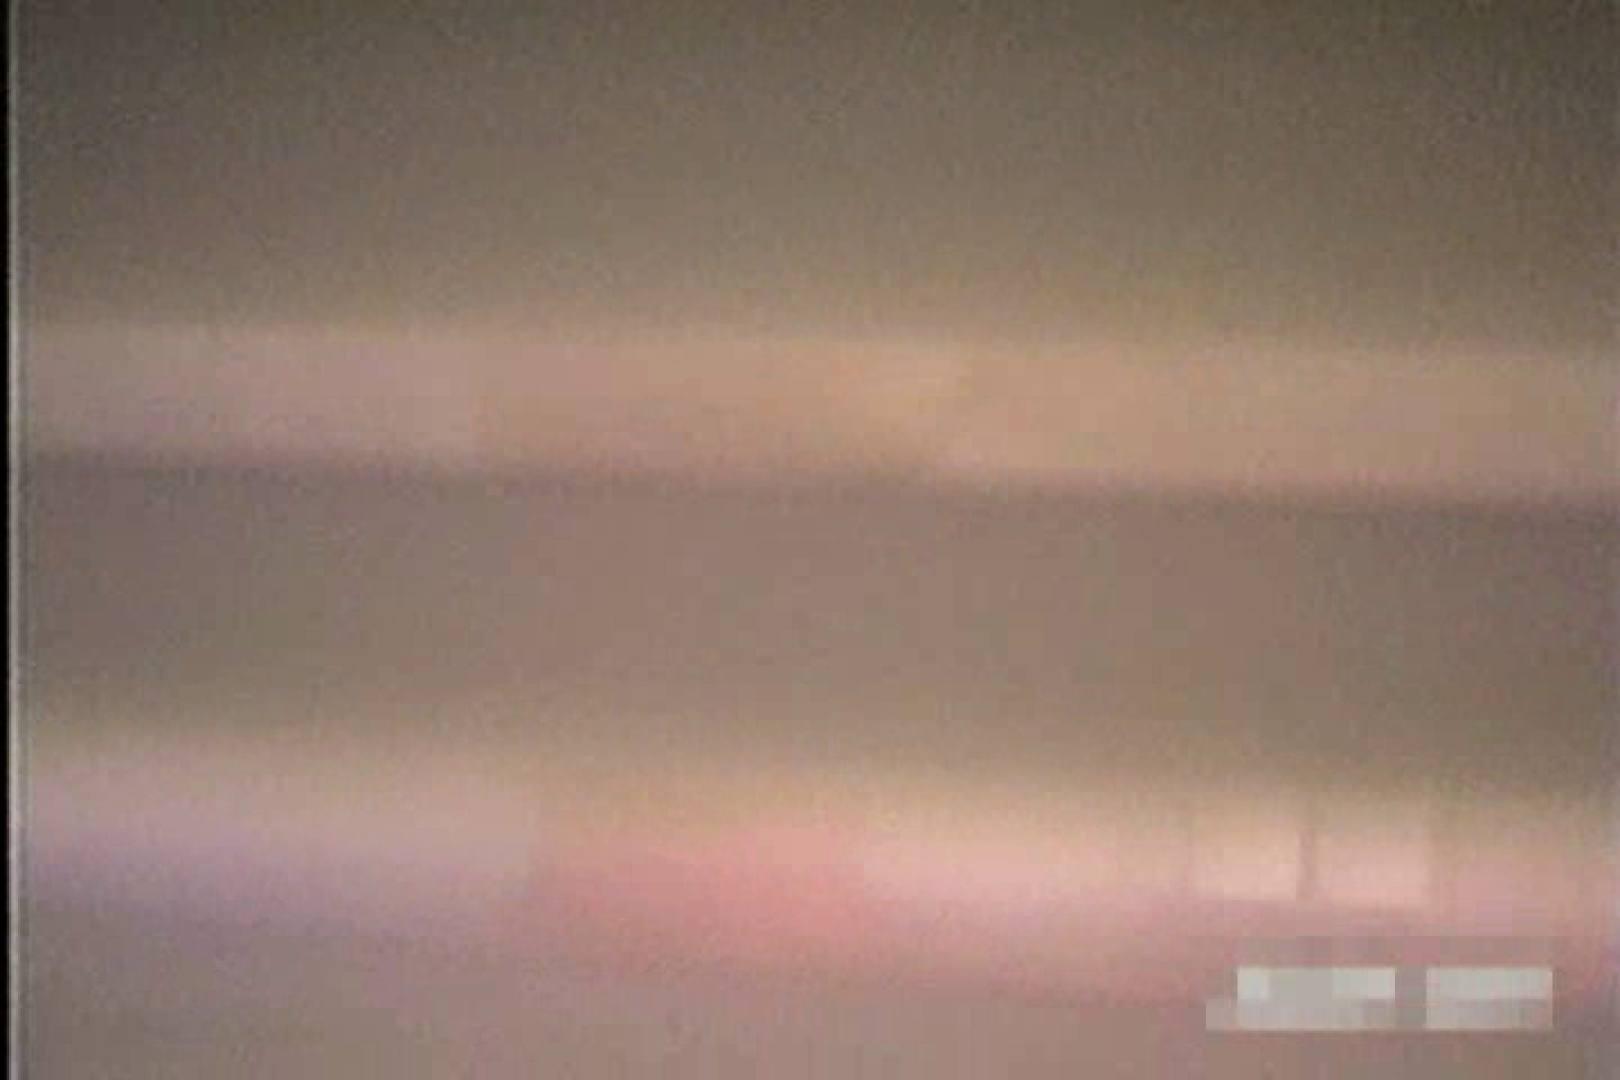 激撮ストーカー記録あなたのお宅拝見しますVol.1 盗撮特集   民家  71画像 55